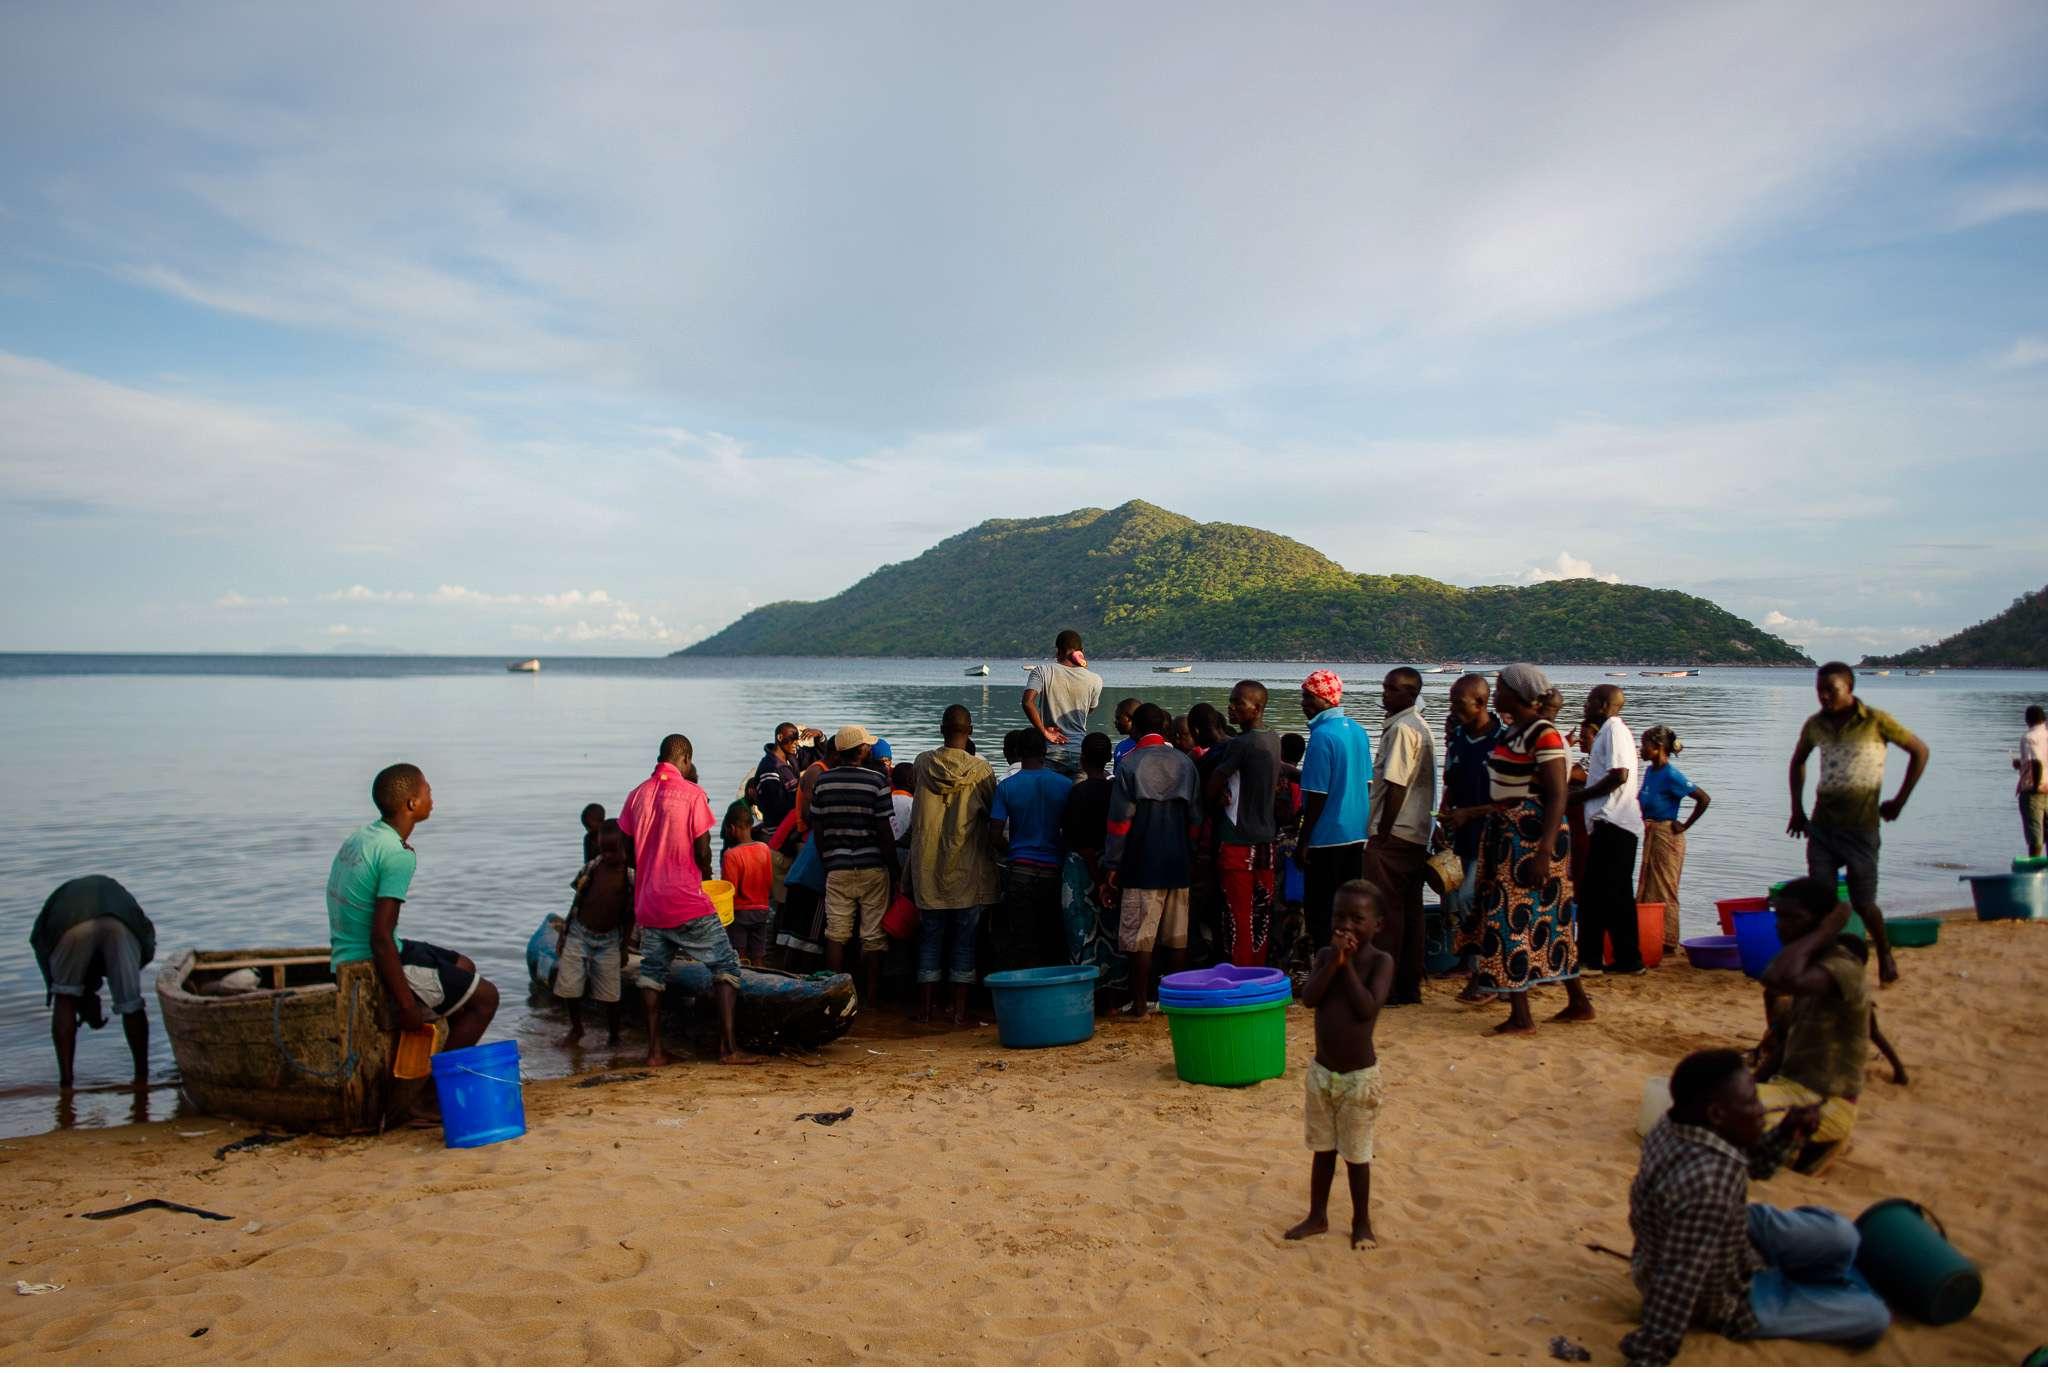 Malawi-Quer durch Afrika- Geschichten von unterwegs by Marion and Daniel-58